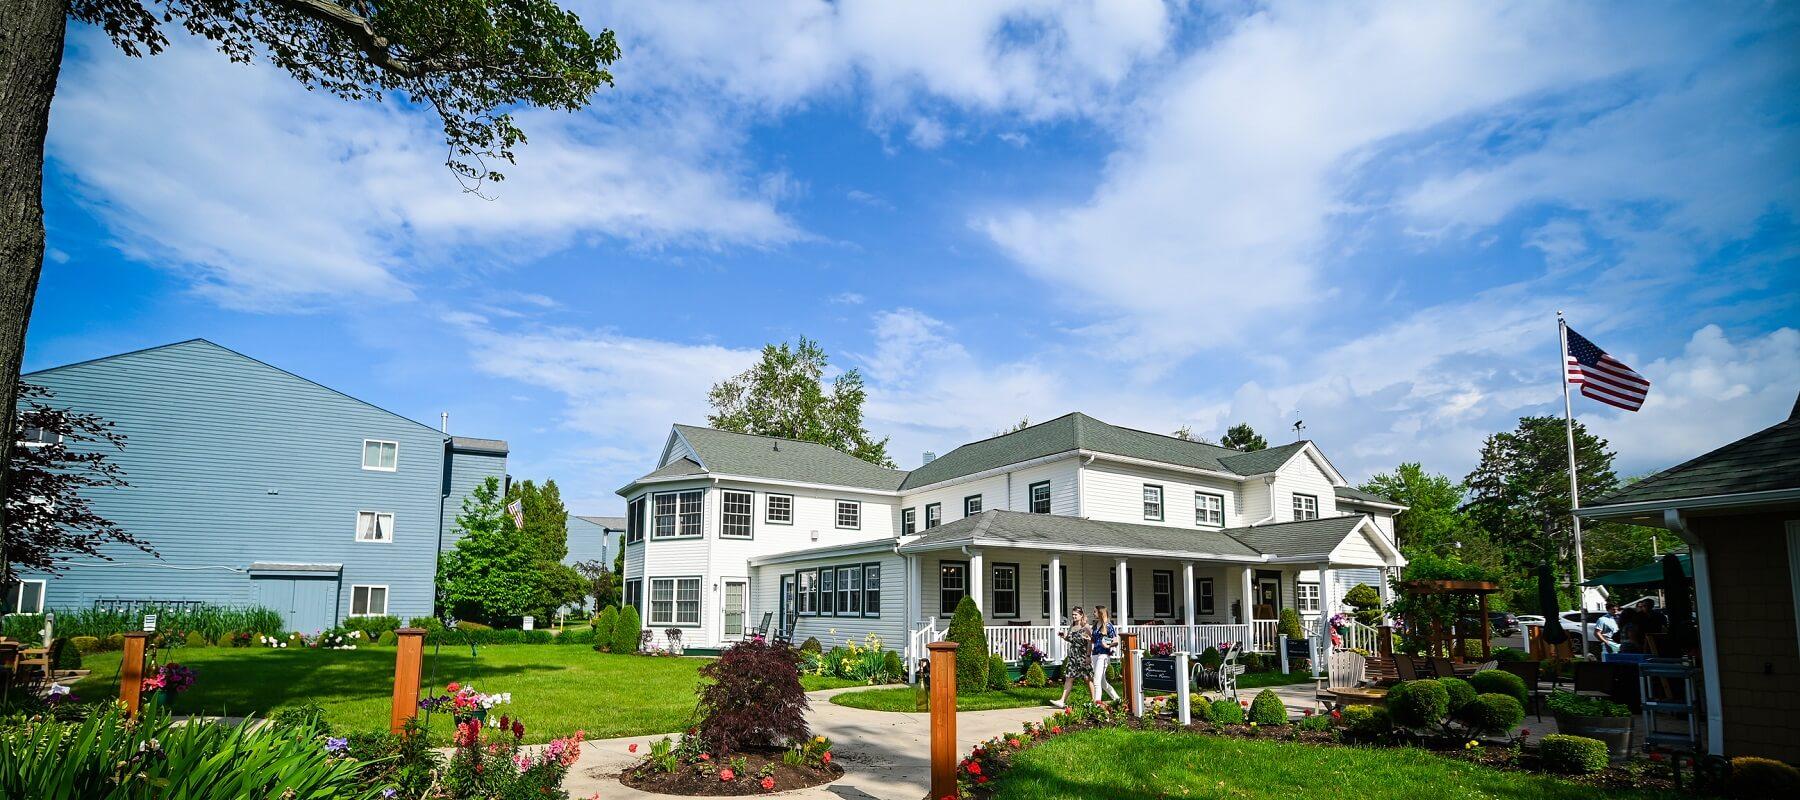 Lakehouse Inn Front View